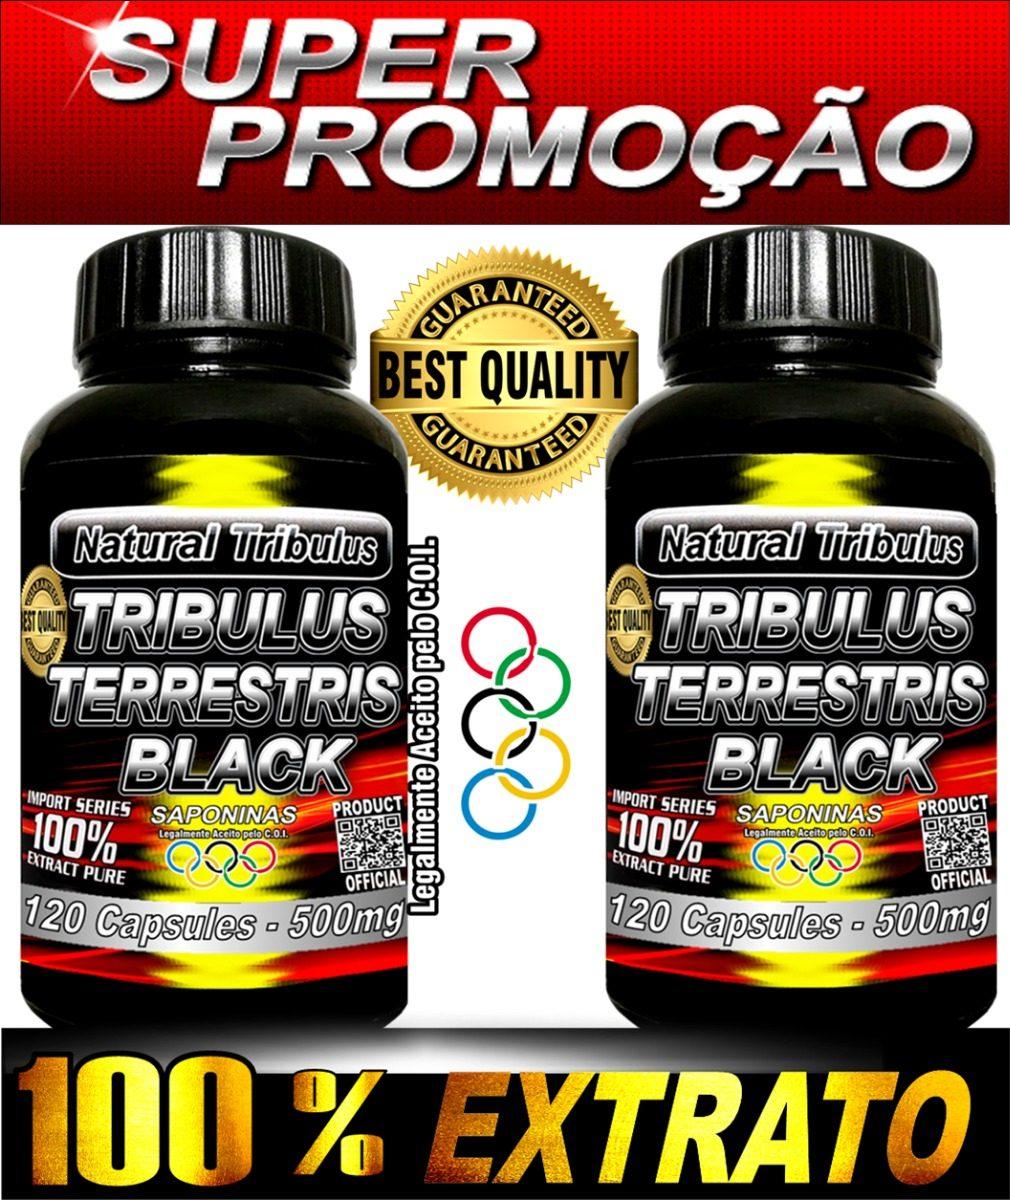 81c310c0e 2 Uni Tribulus Terrestris Black 240 Caps Total Saponinas - R  49